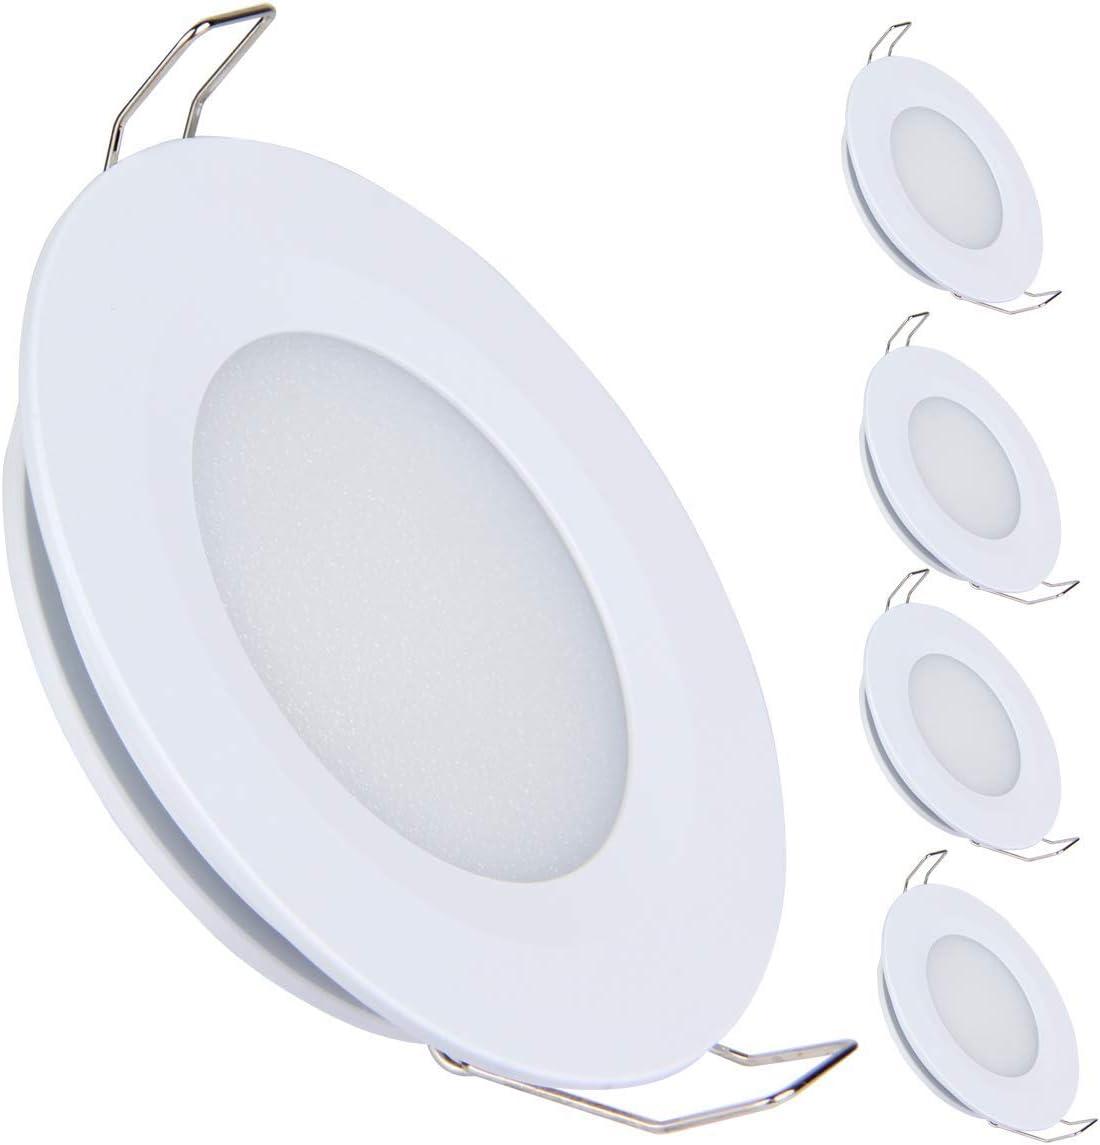 acegoo Juego de 4 lámparas LED empotrables de techo de 12V, 3W, 3200K, para caravana, barco, caravana, coche, aluminio, 240 lúmenes, blanco cálido (blanco)